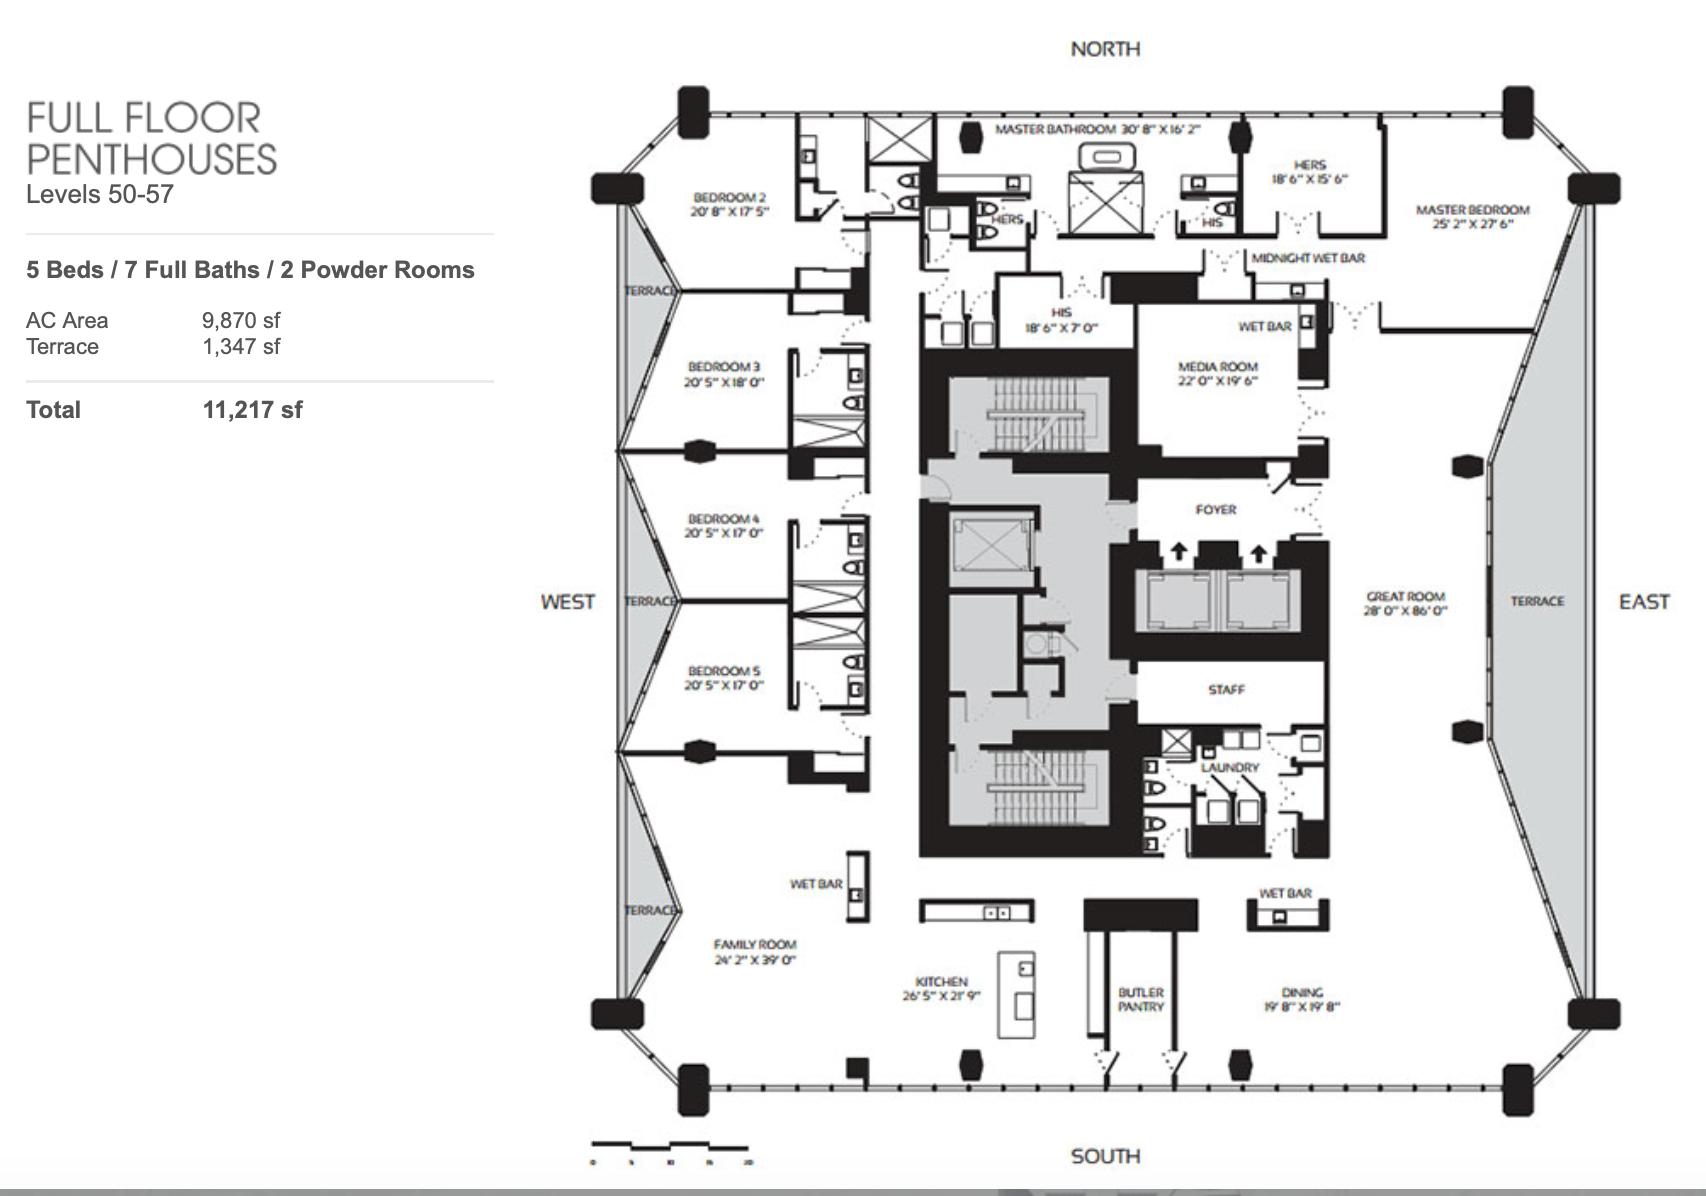 Full Floor Penthouses